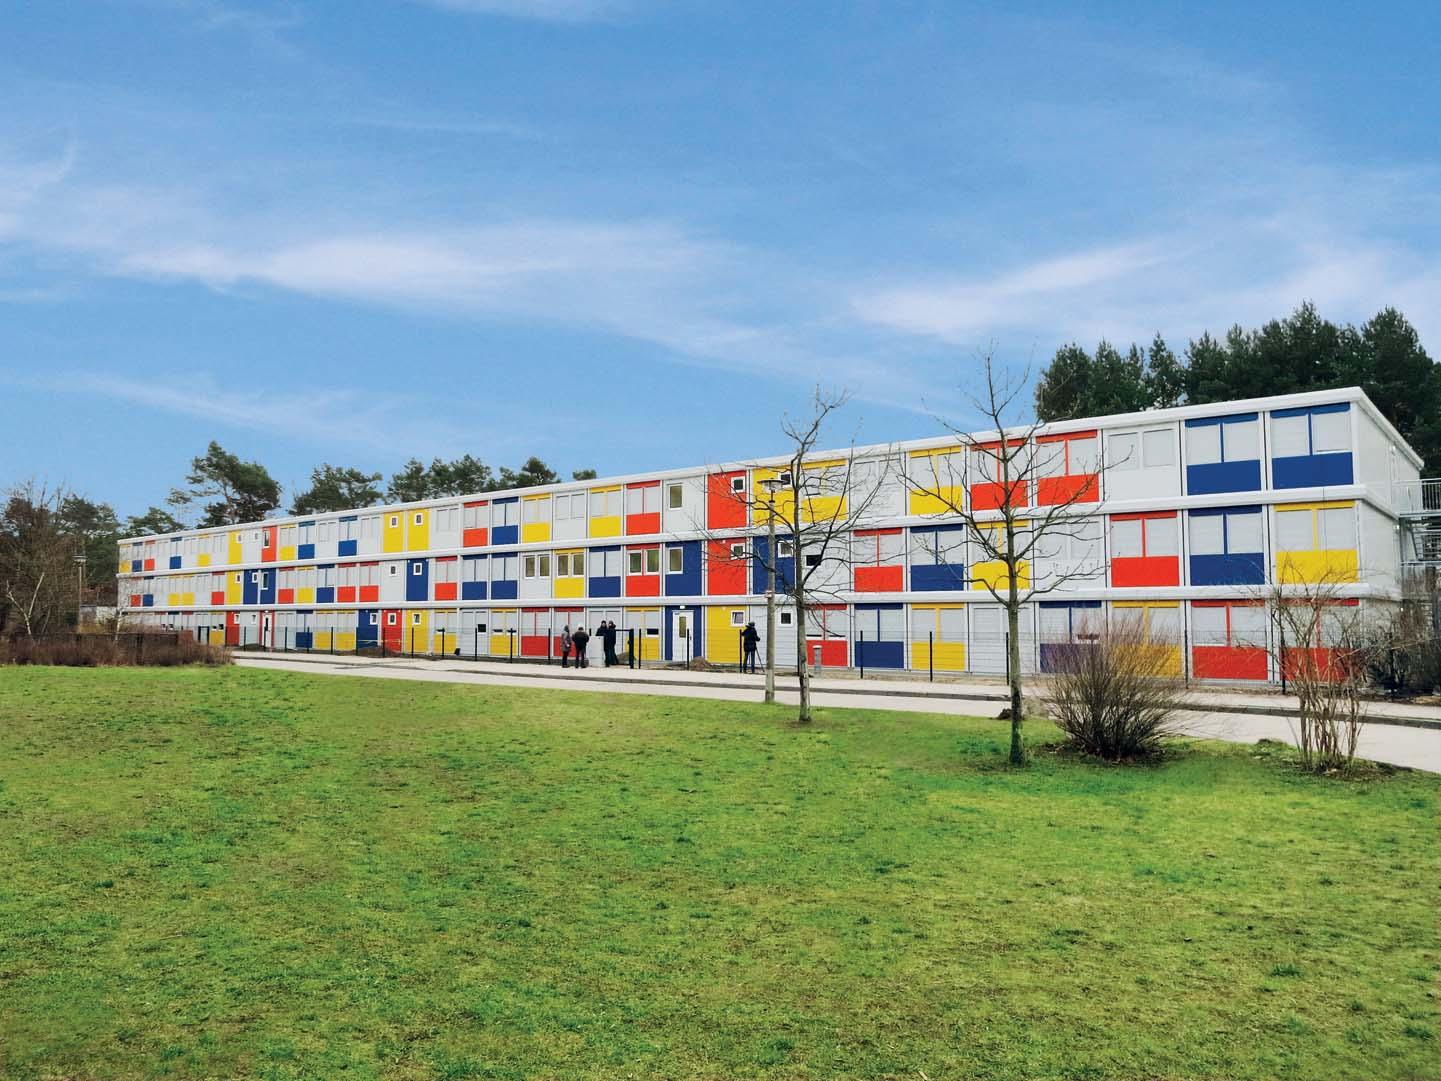 Villaggio Containex per profughi a Berlino